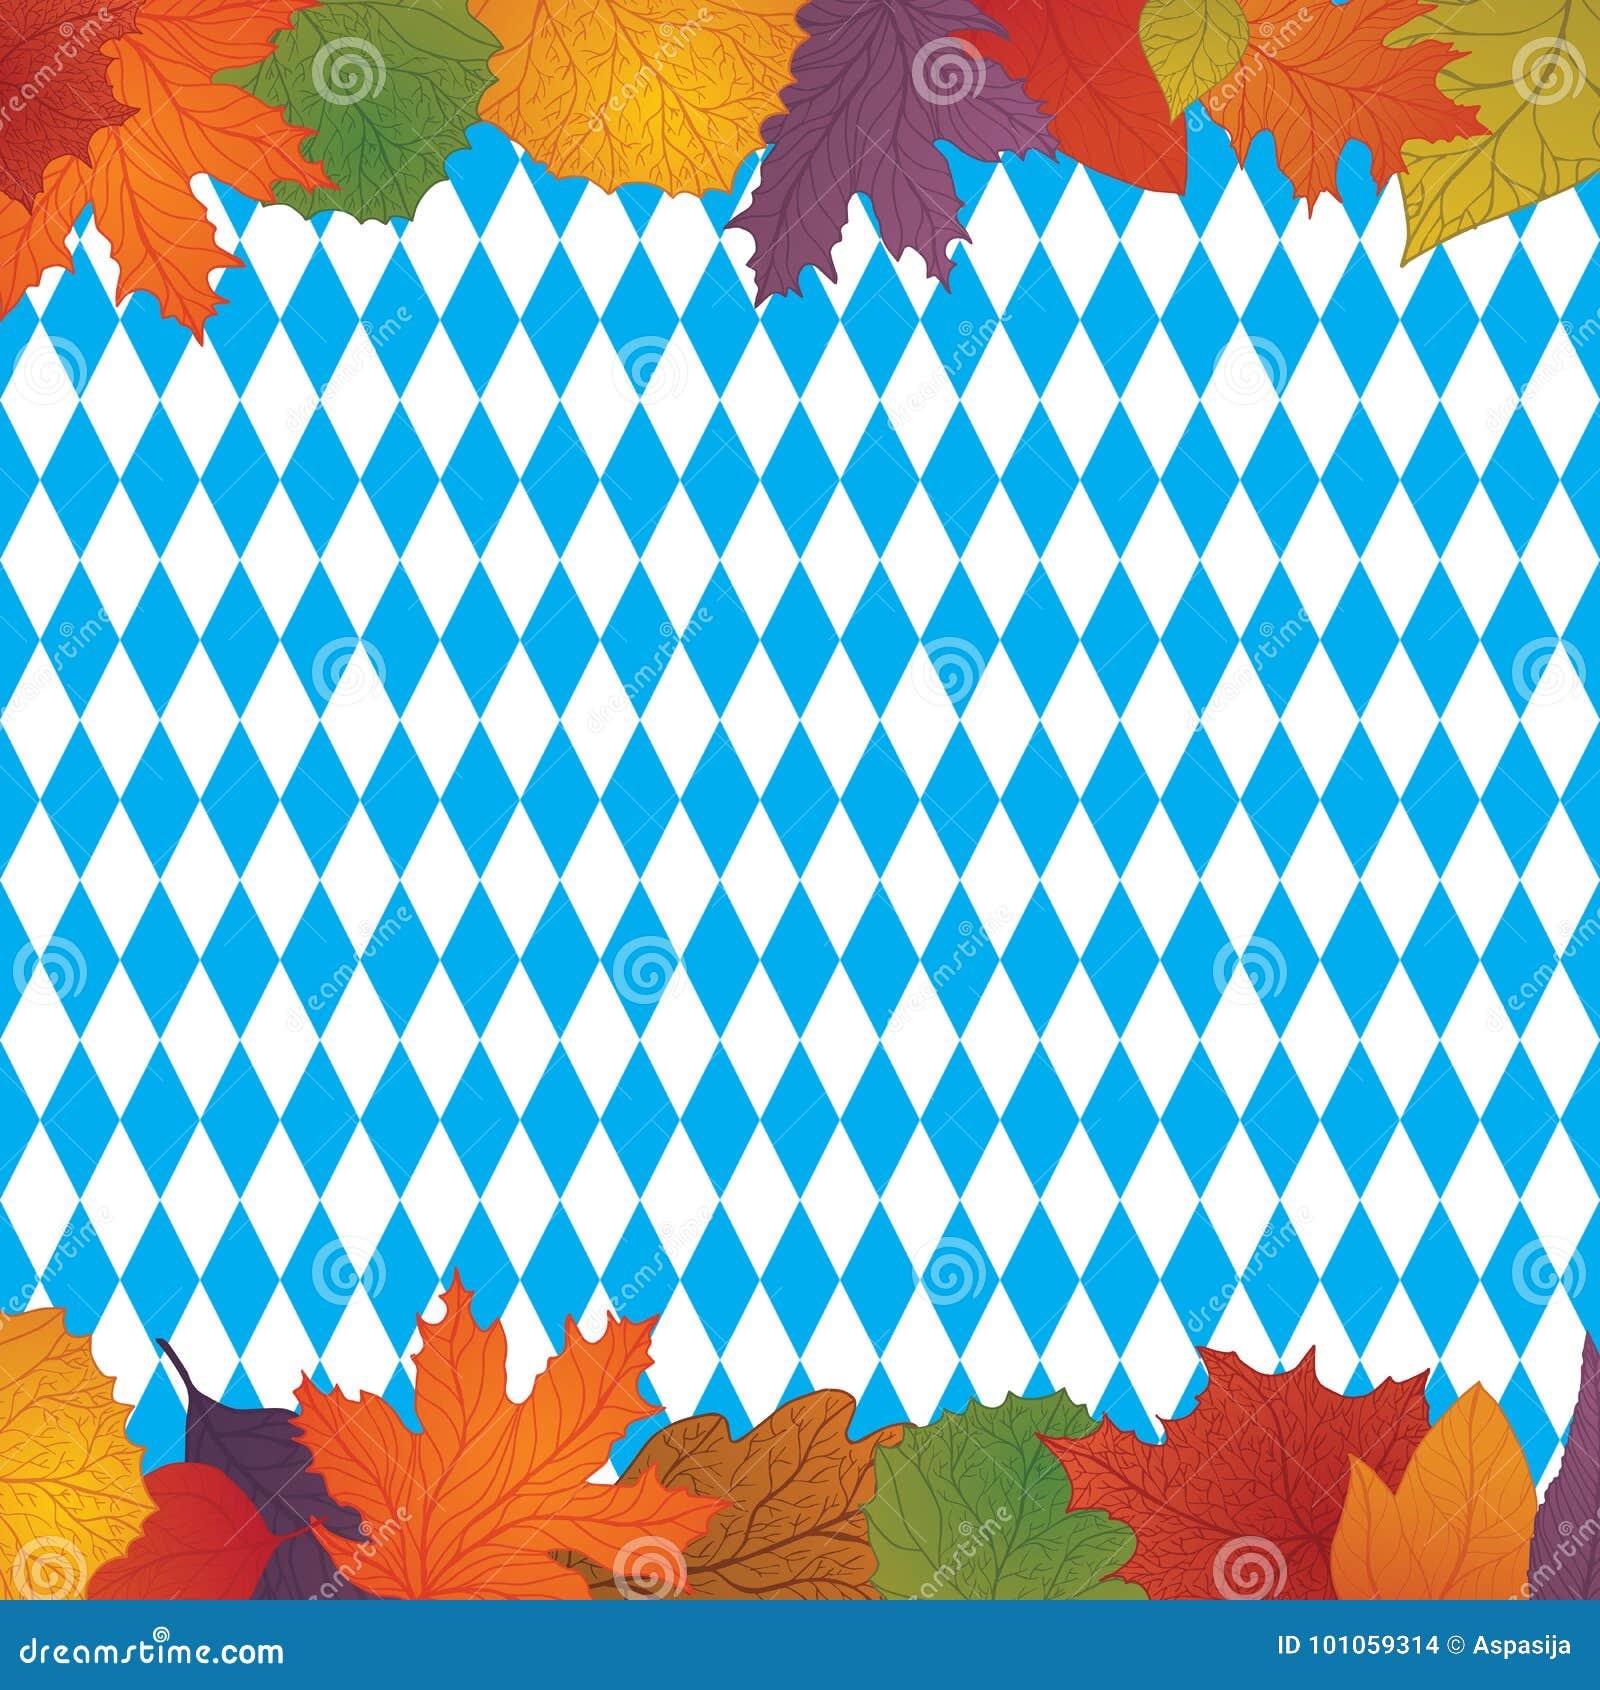 Oktoberfest design autumn stock vector. Illustration of ...